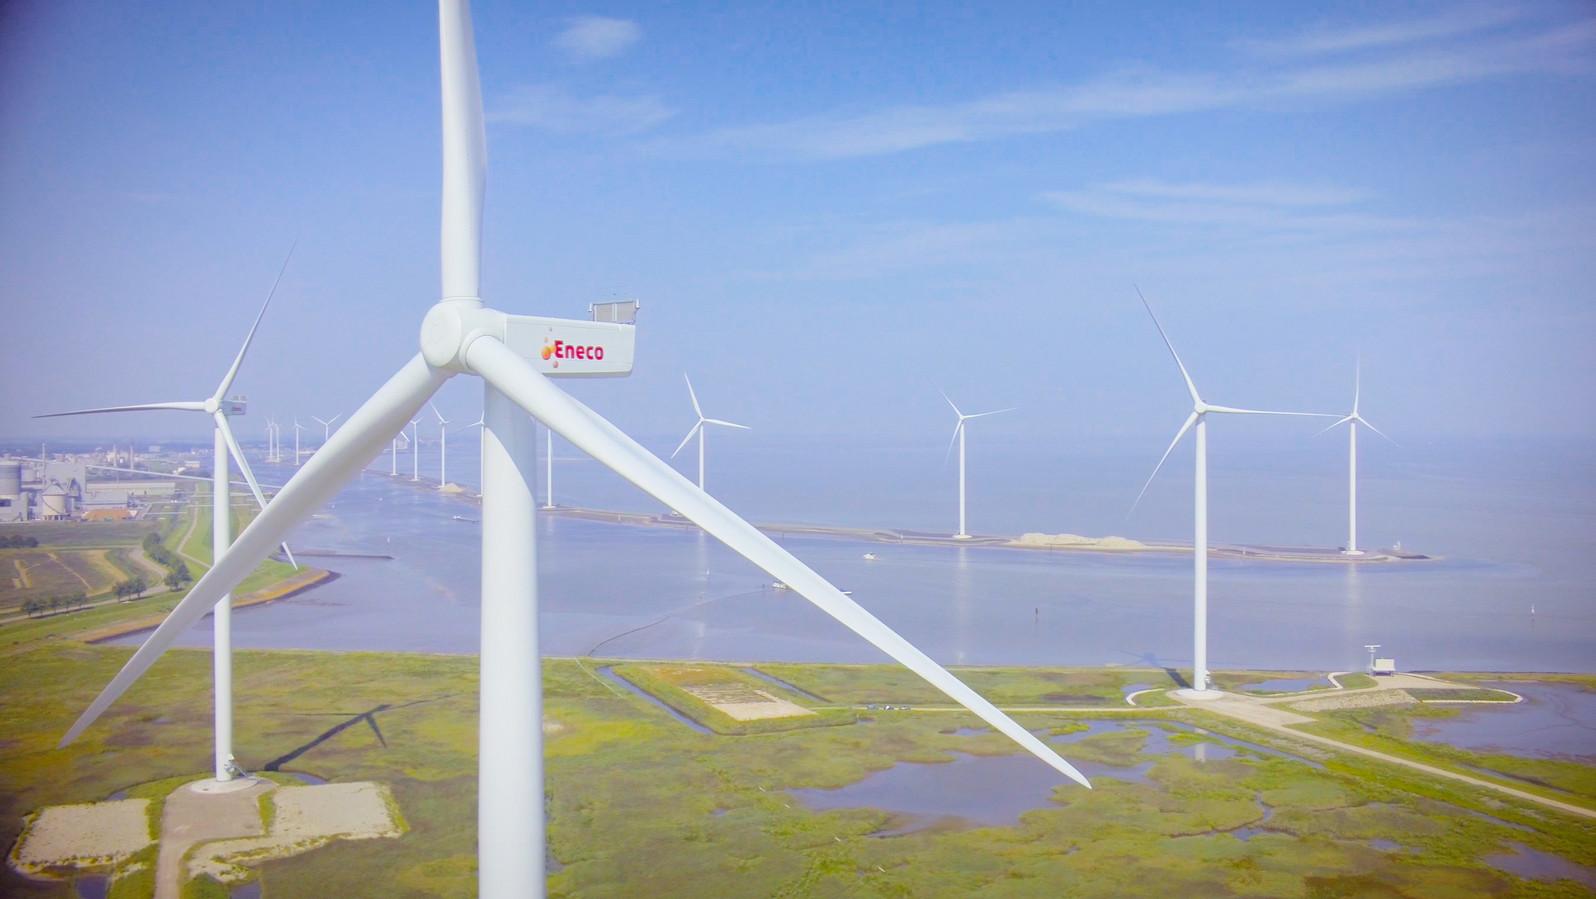 Eneco staat bekend om zijn wind- en zonnestroom. Een deeltje komt van het 19 windturbines tellende windpark Delfzijl Noord.